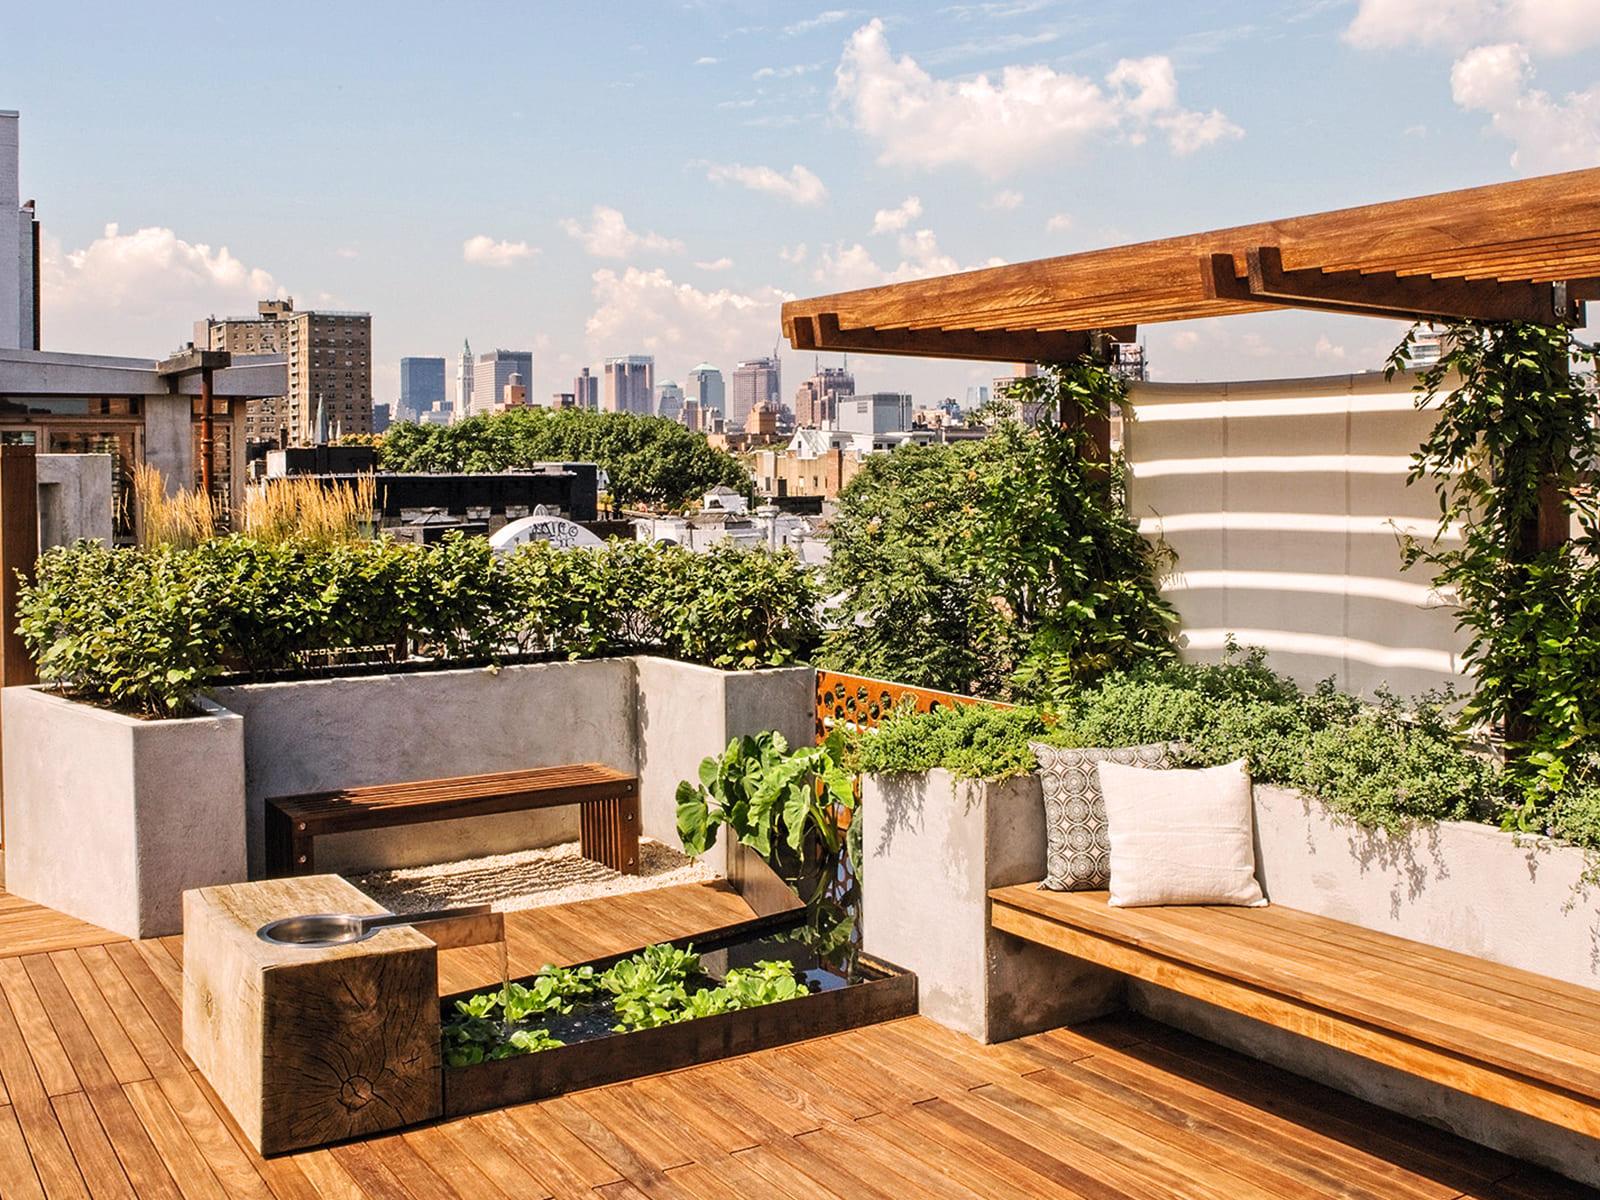 blog-vegetacion-decoracion-terrazas-balcones-16_HIDROJARDIN-Bañeres